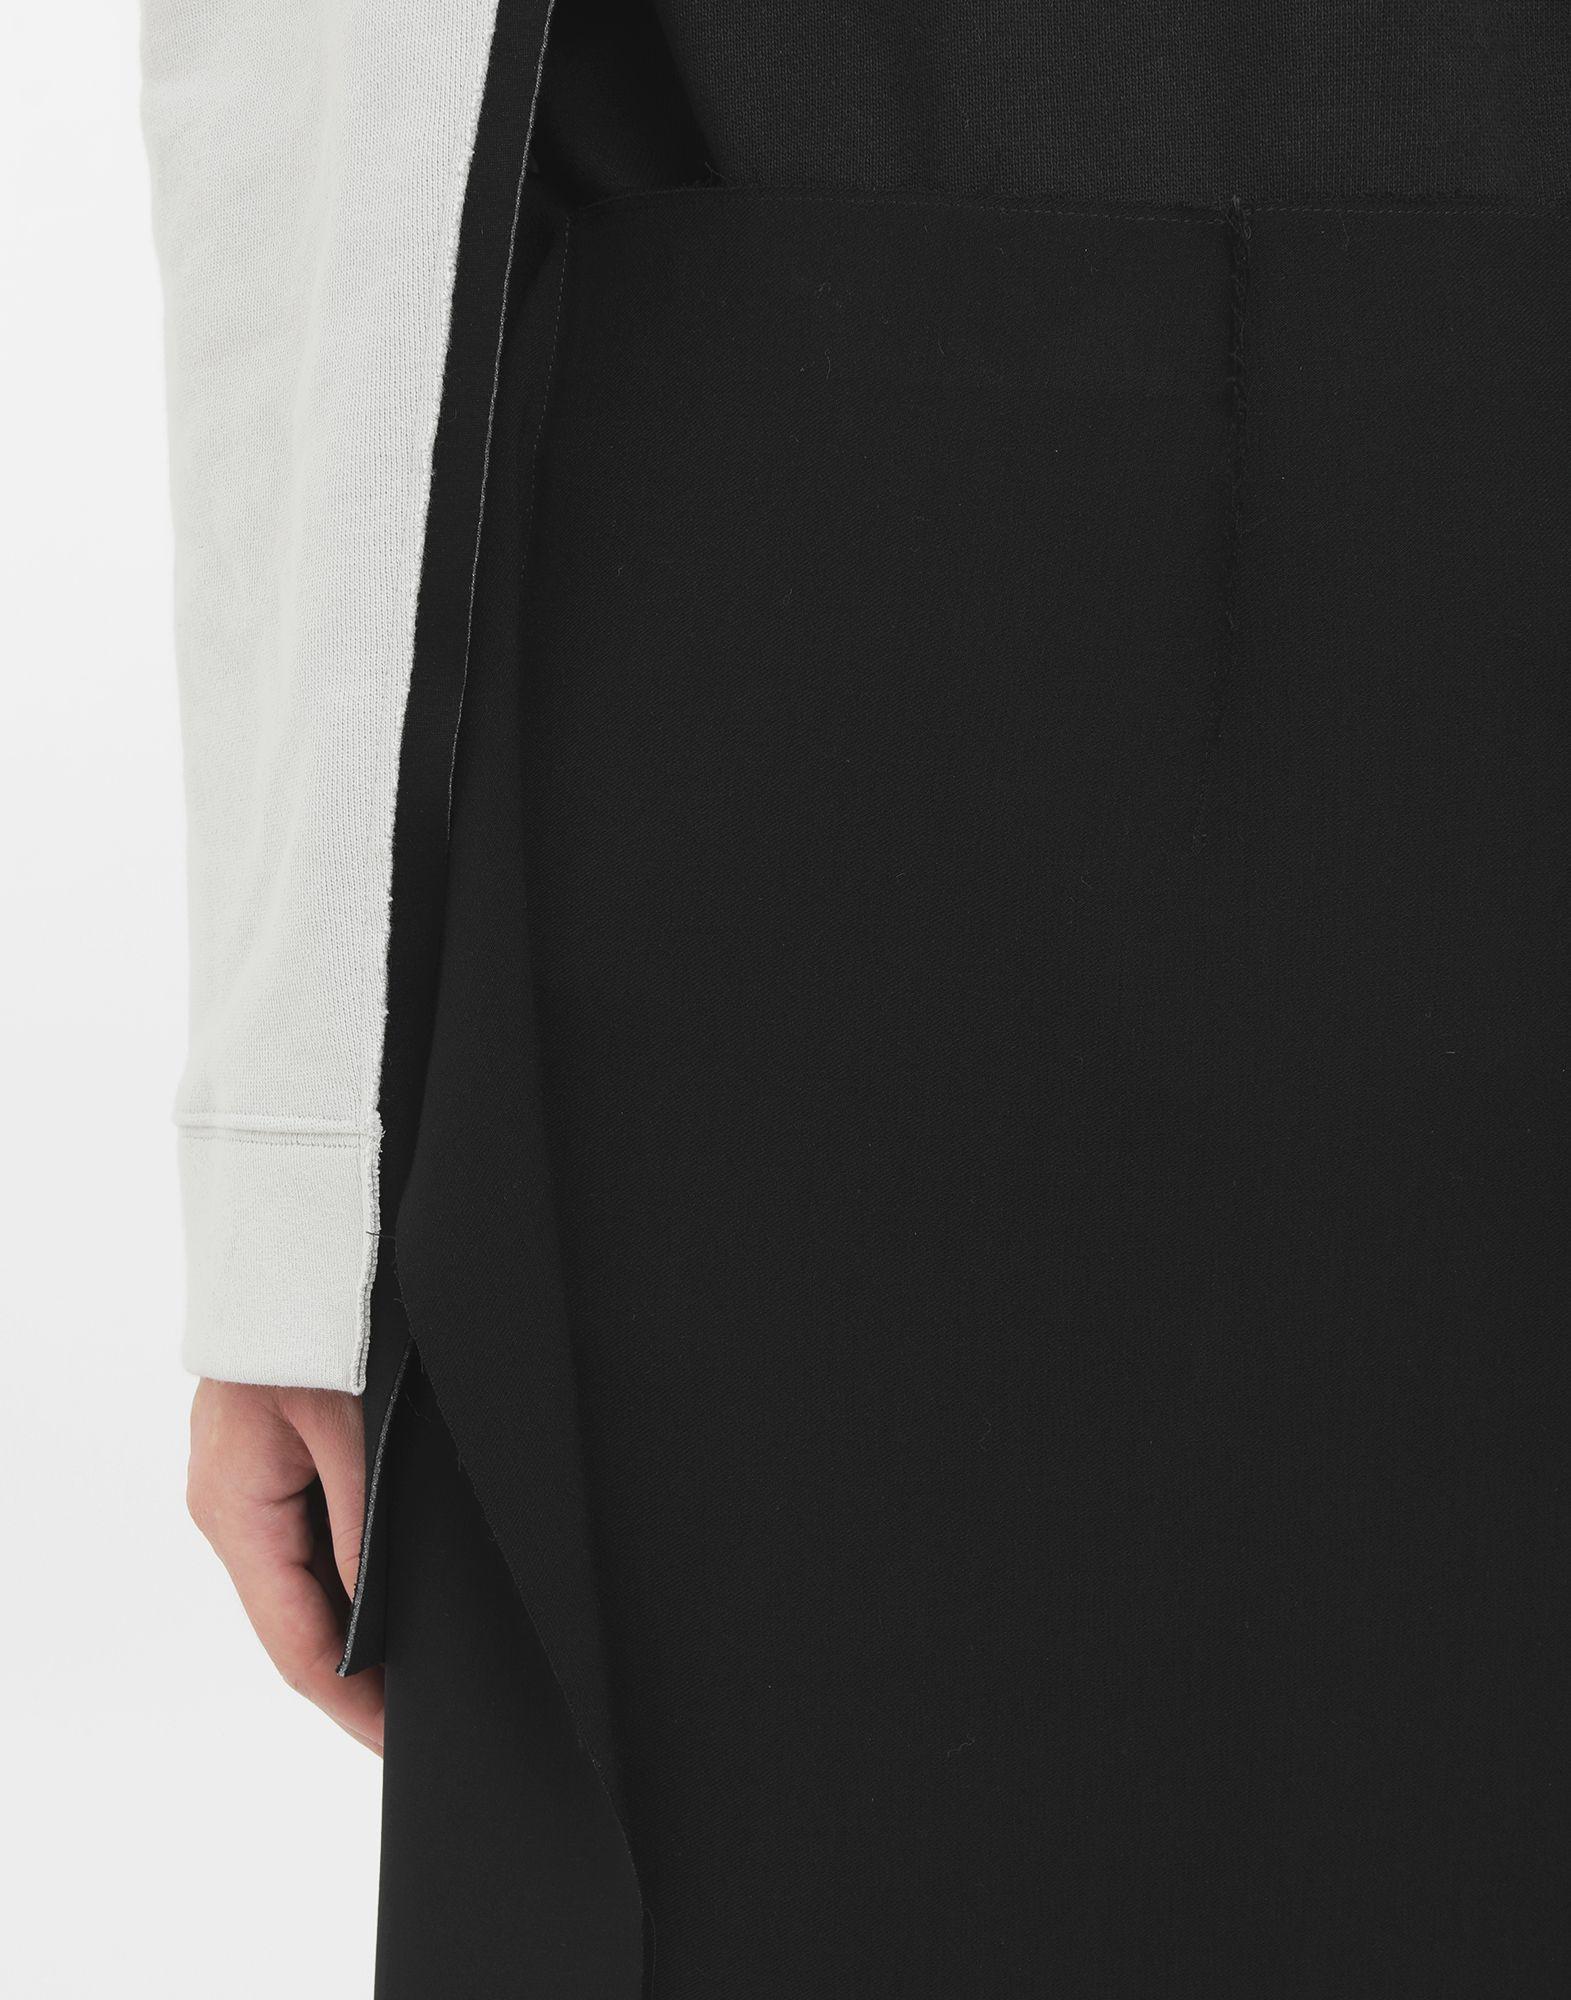 MAISON MARGIELA Bi-material skirt Skirt Woman a